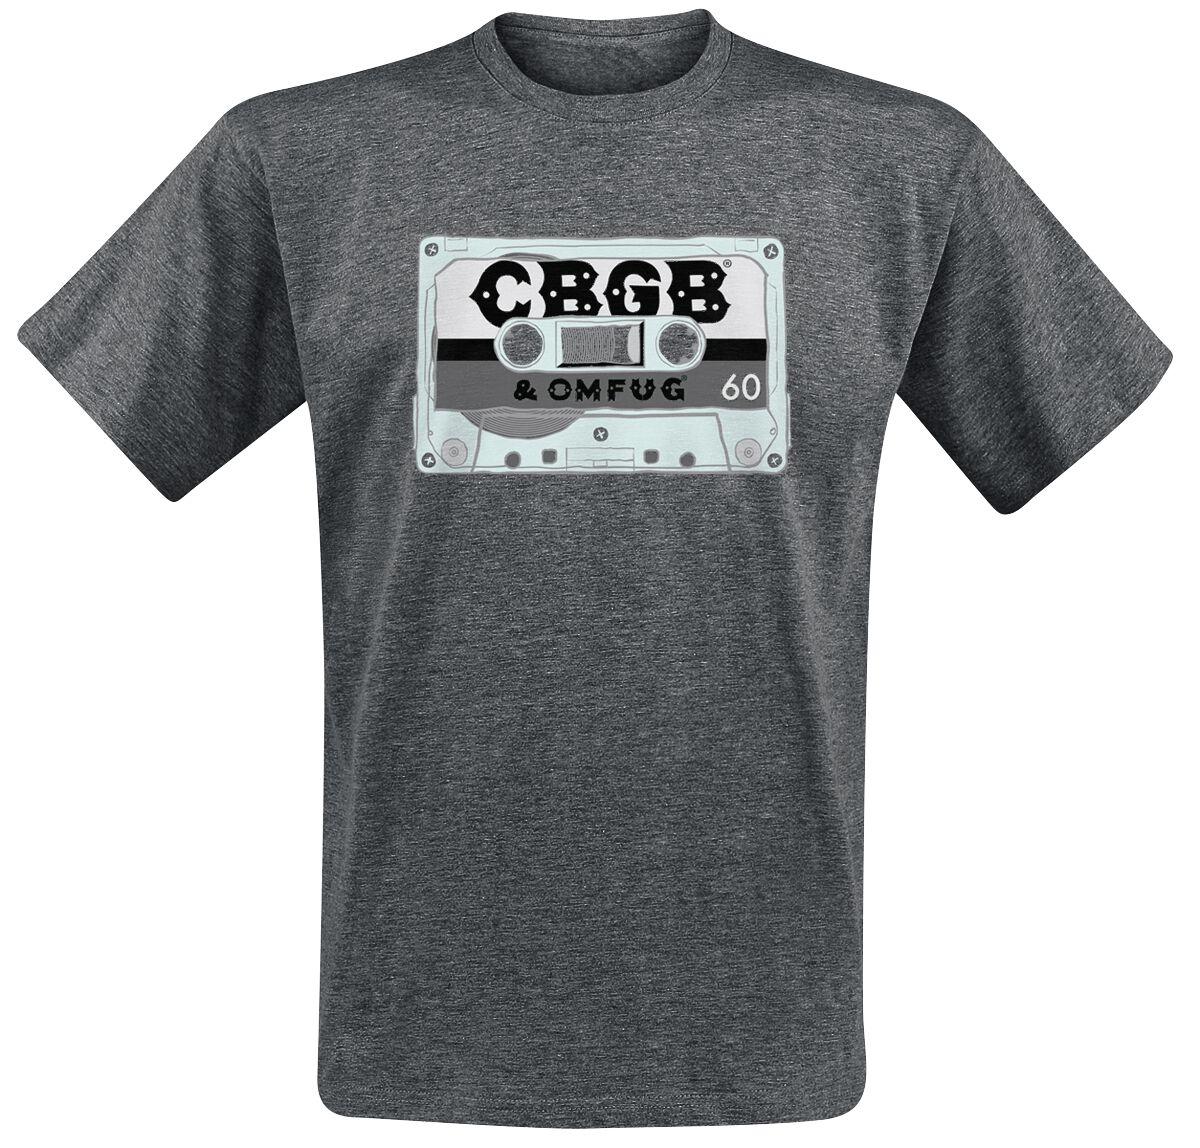 Merch dla Fanów - Koszulki - T-Shirt CBGB Cassette T-Shirt odcienie szarego - 353842